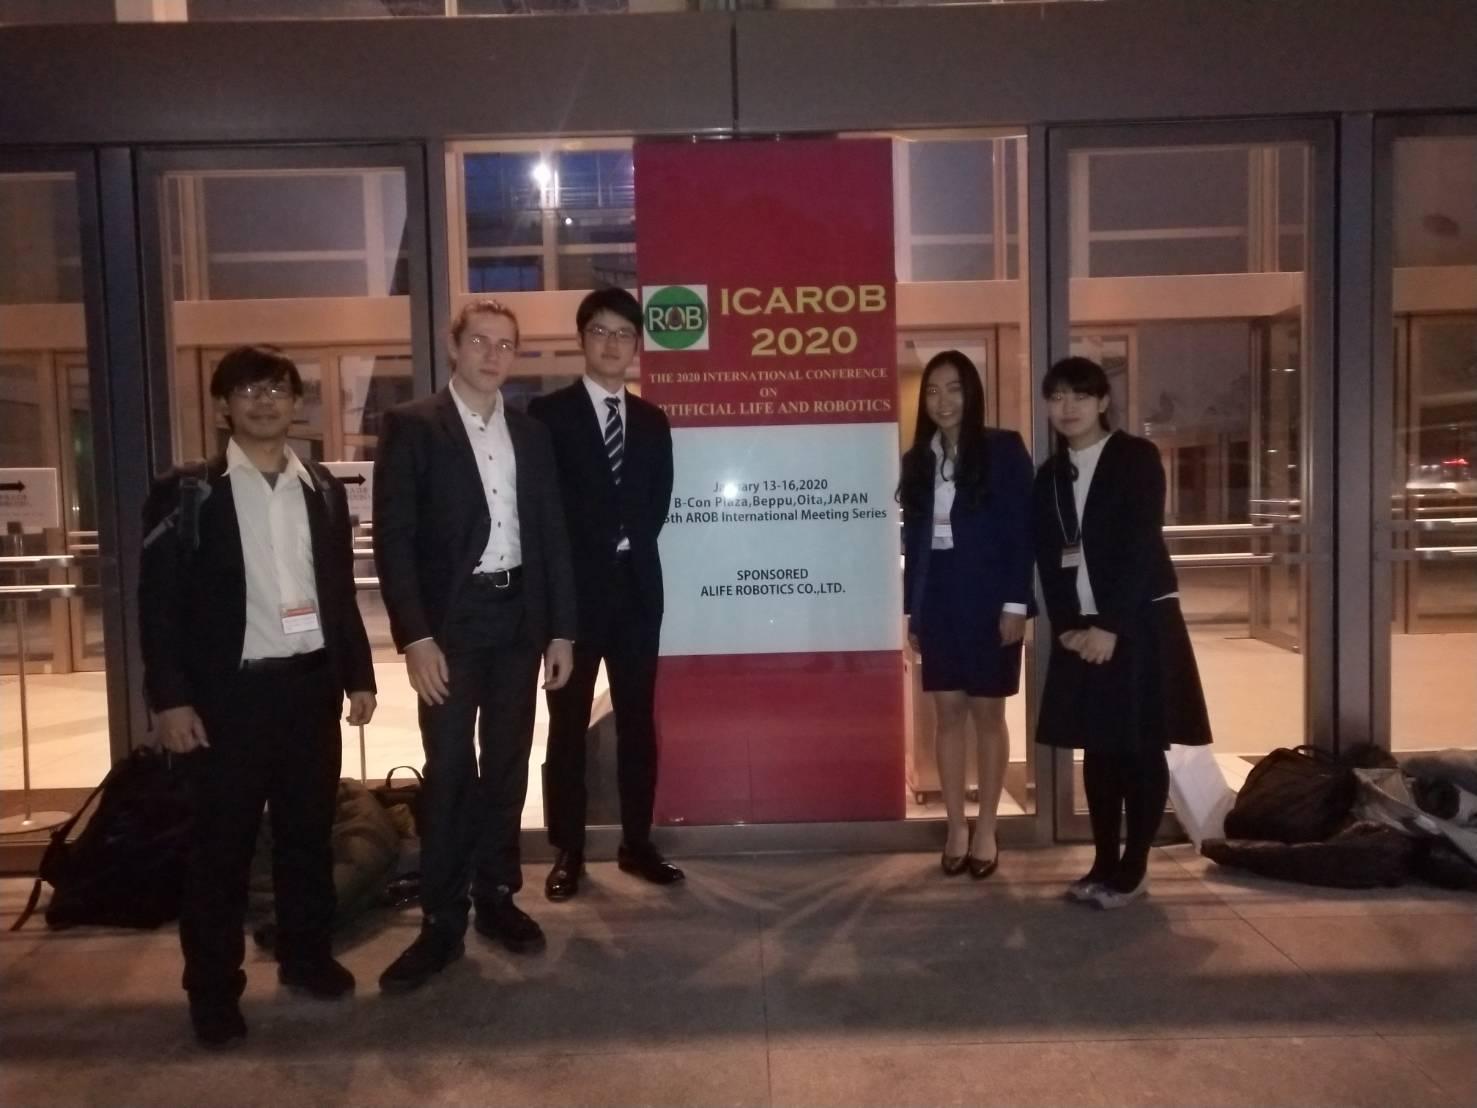 (日本語) 大分県で行われた国際学会ICAROBへ参加しました。